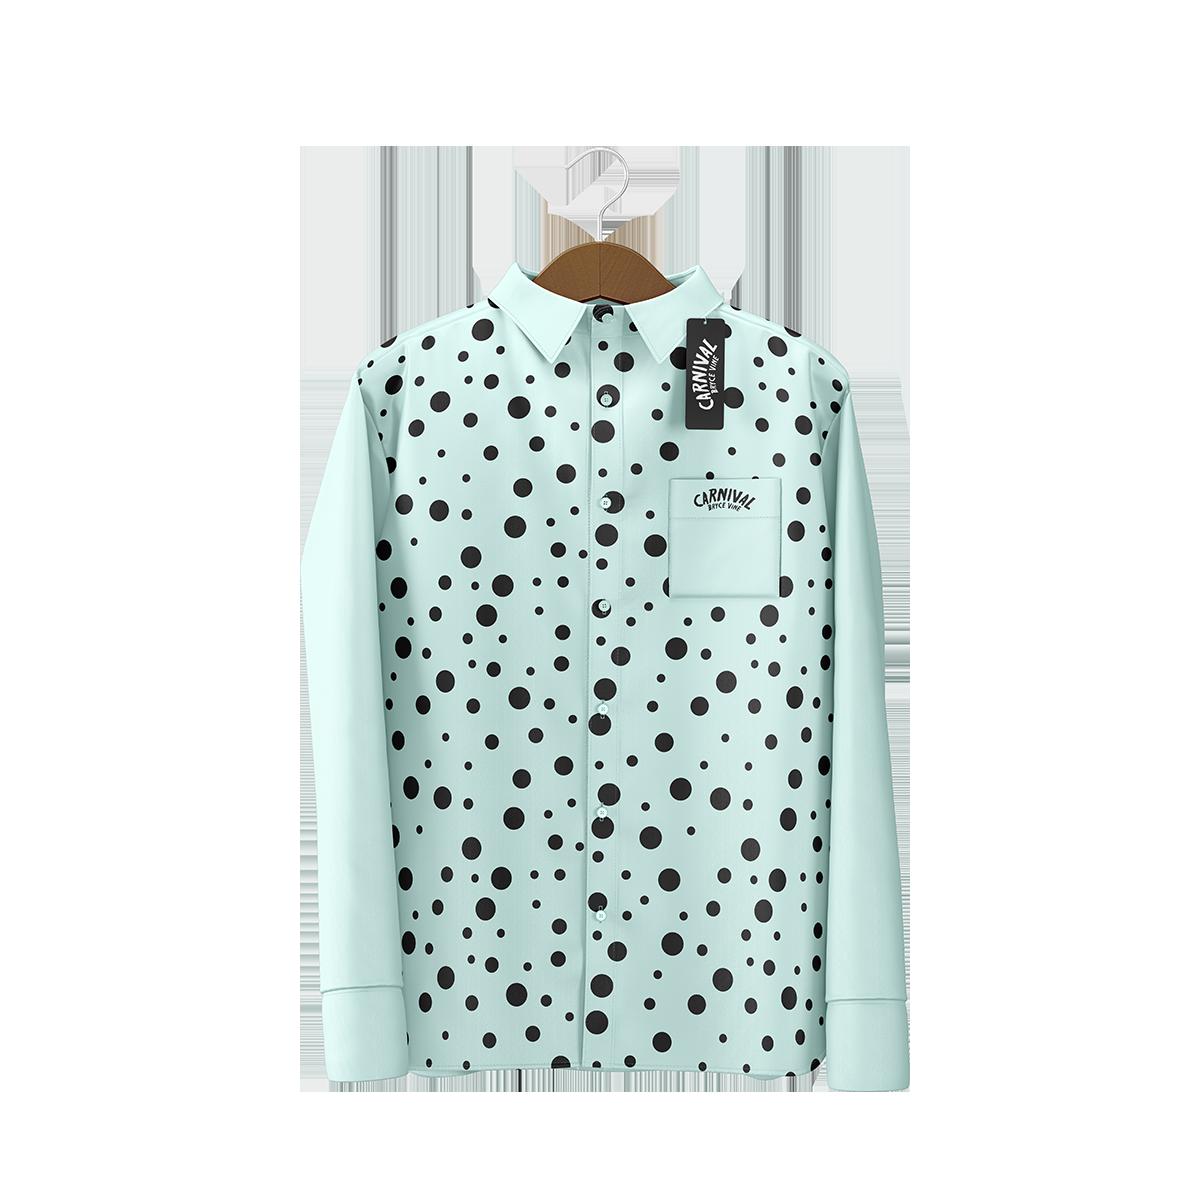 Apparel - Shirt Design